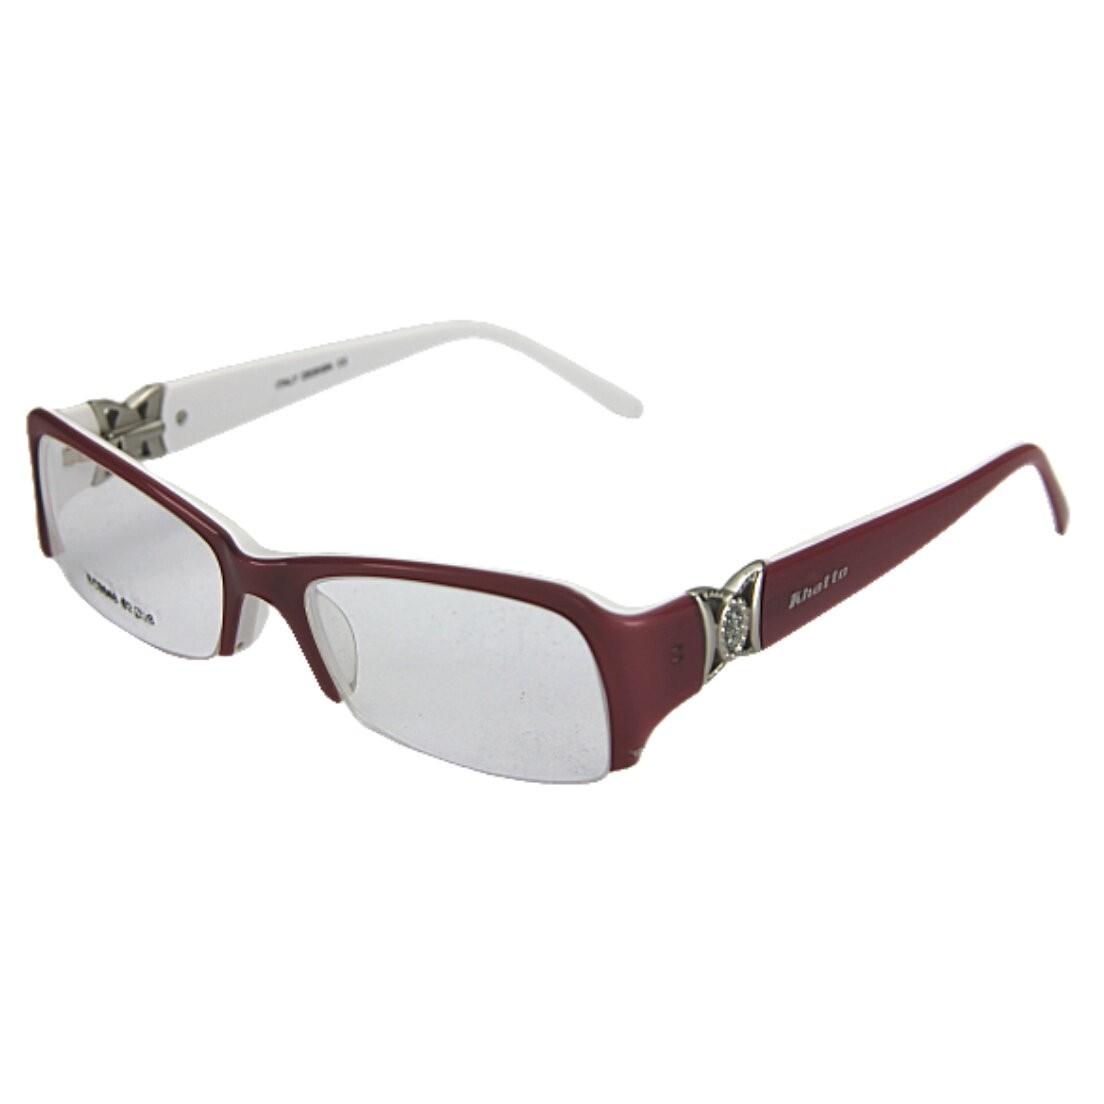 Armação de Óculos Khatto Chic Chic Feme - C143